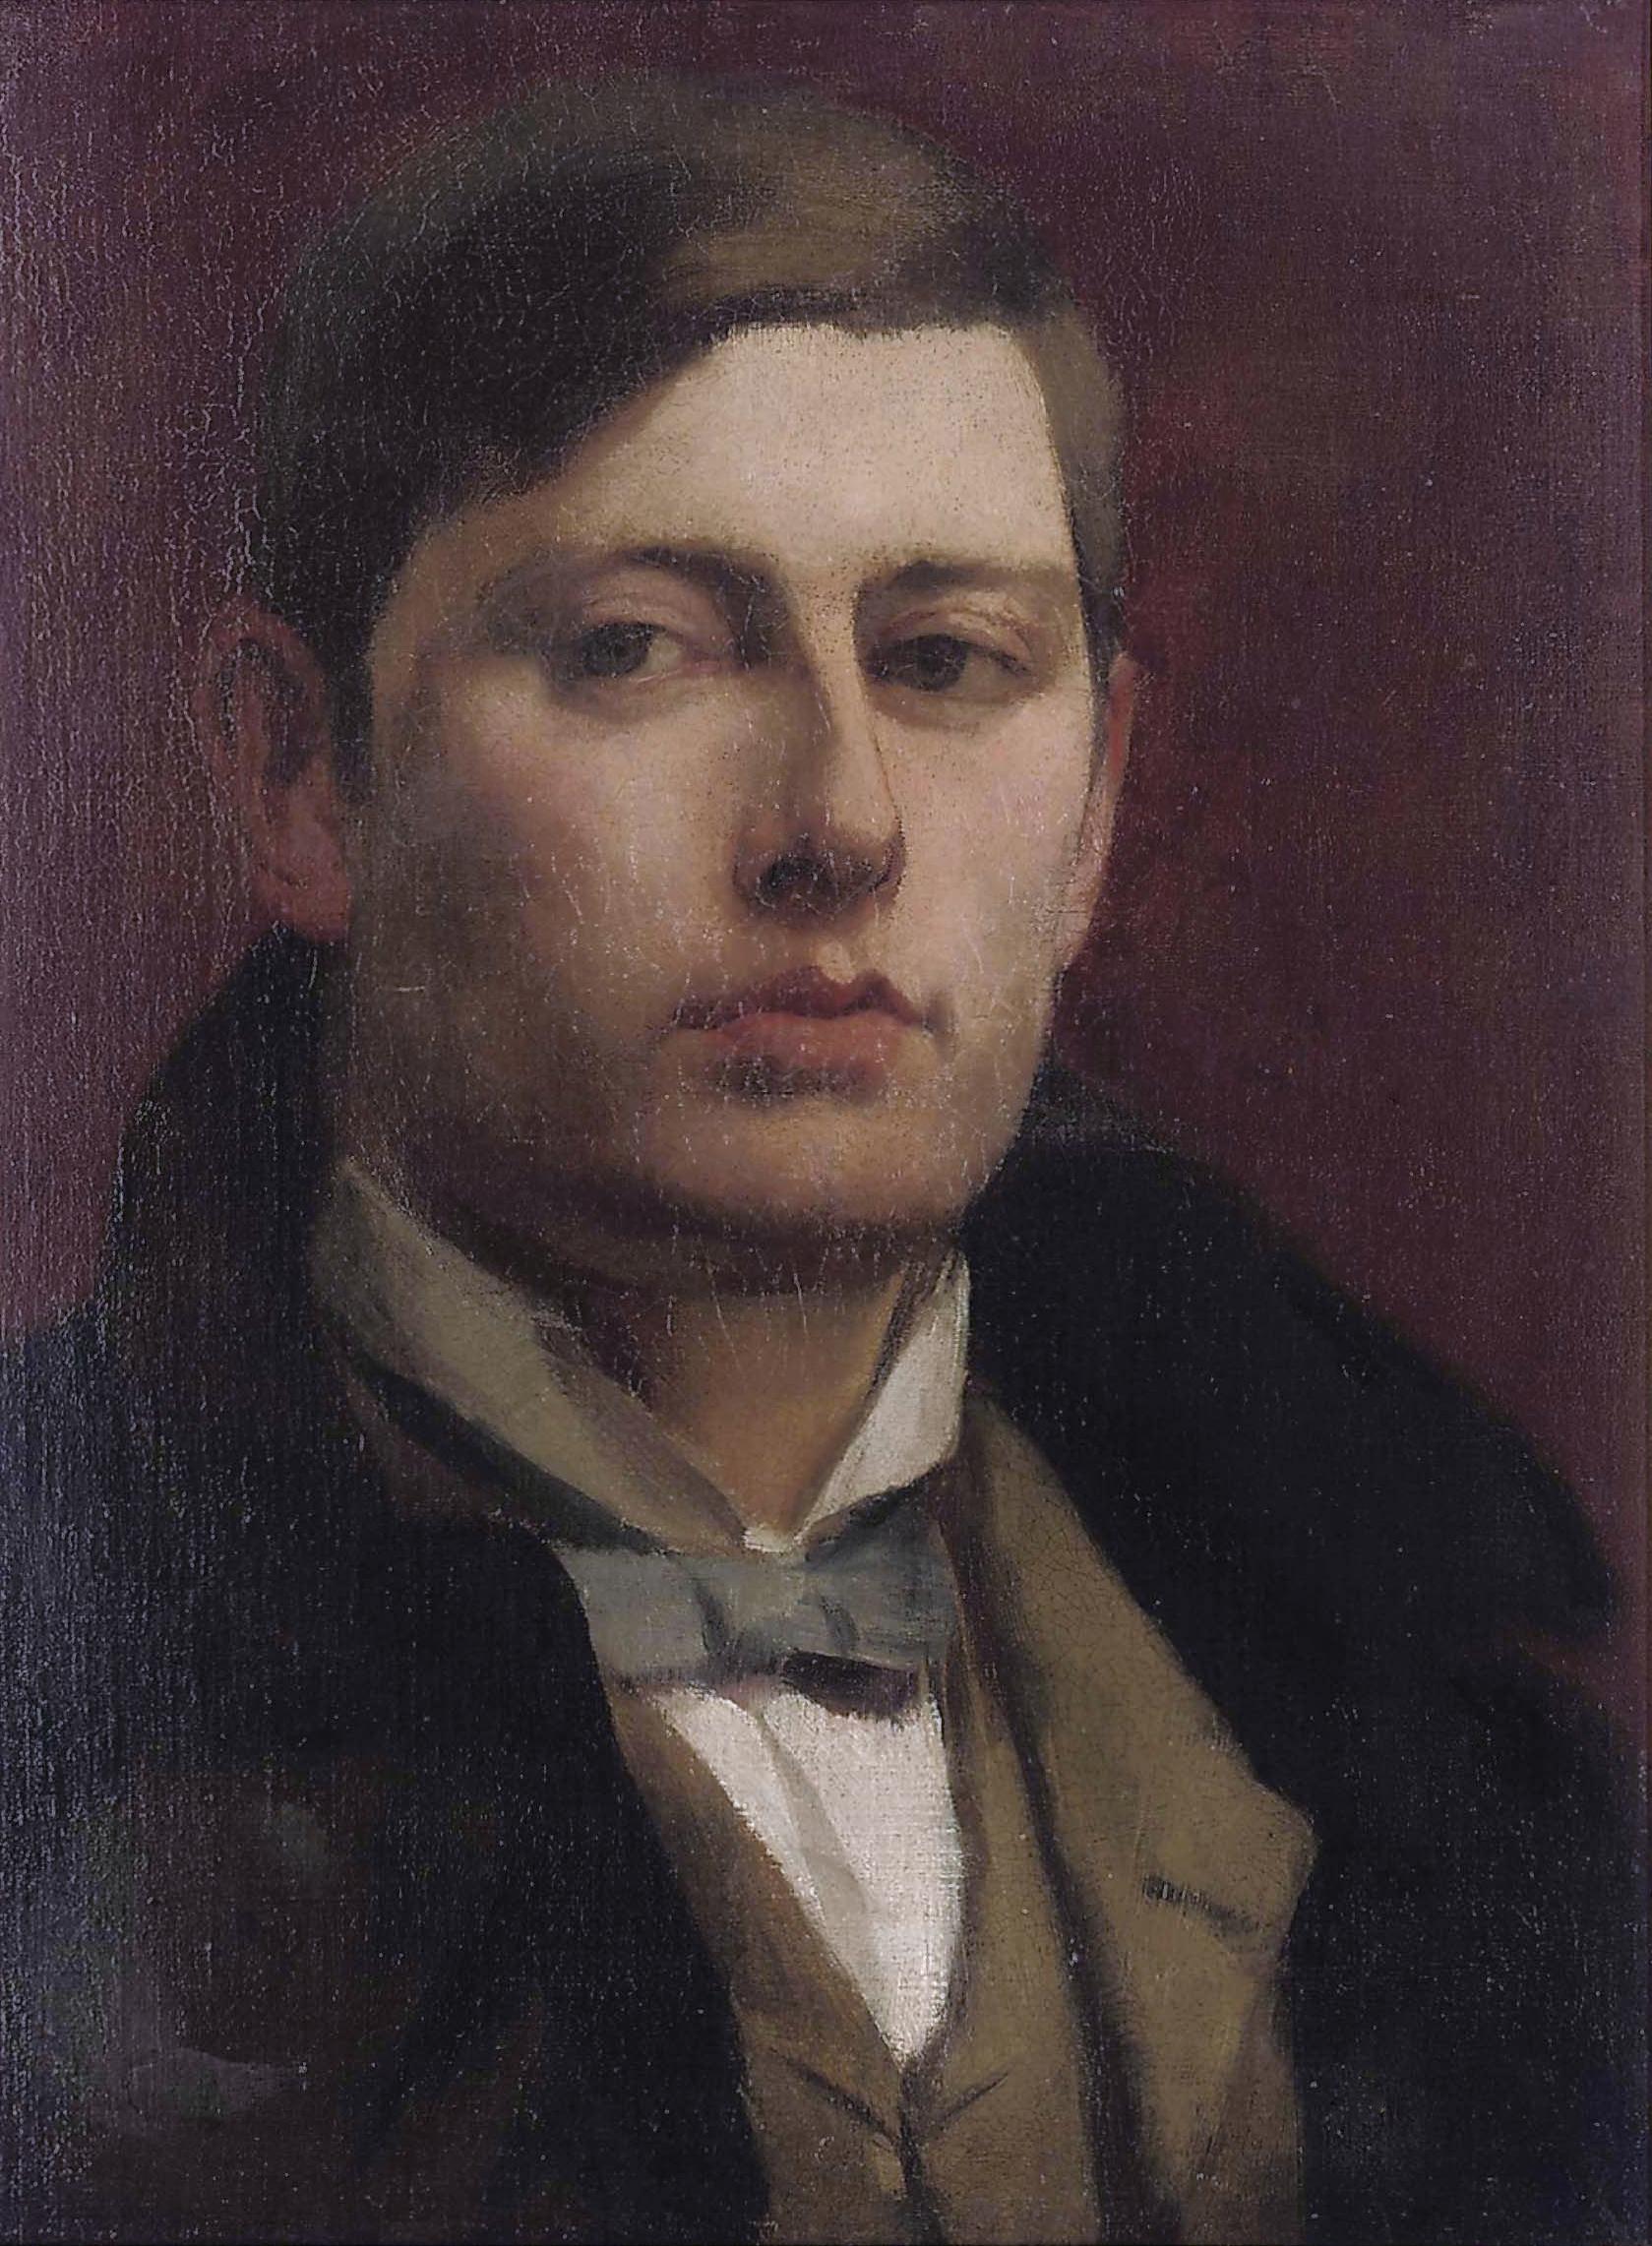 Latham, portret George Frampton, 1880-1900, oliverf op doek